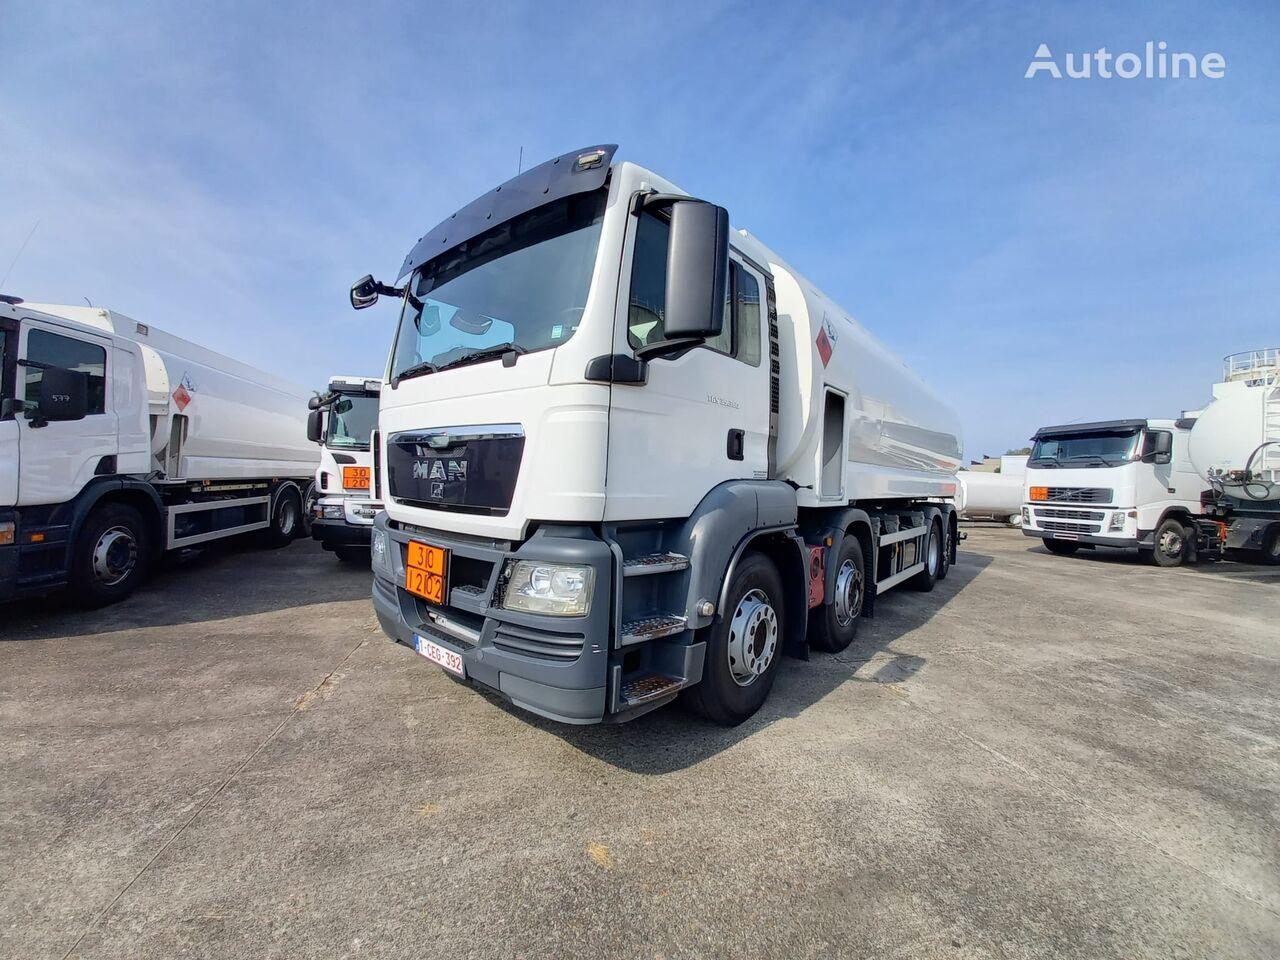 camion trasporto carburante MAN